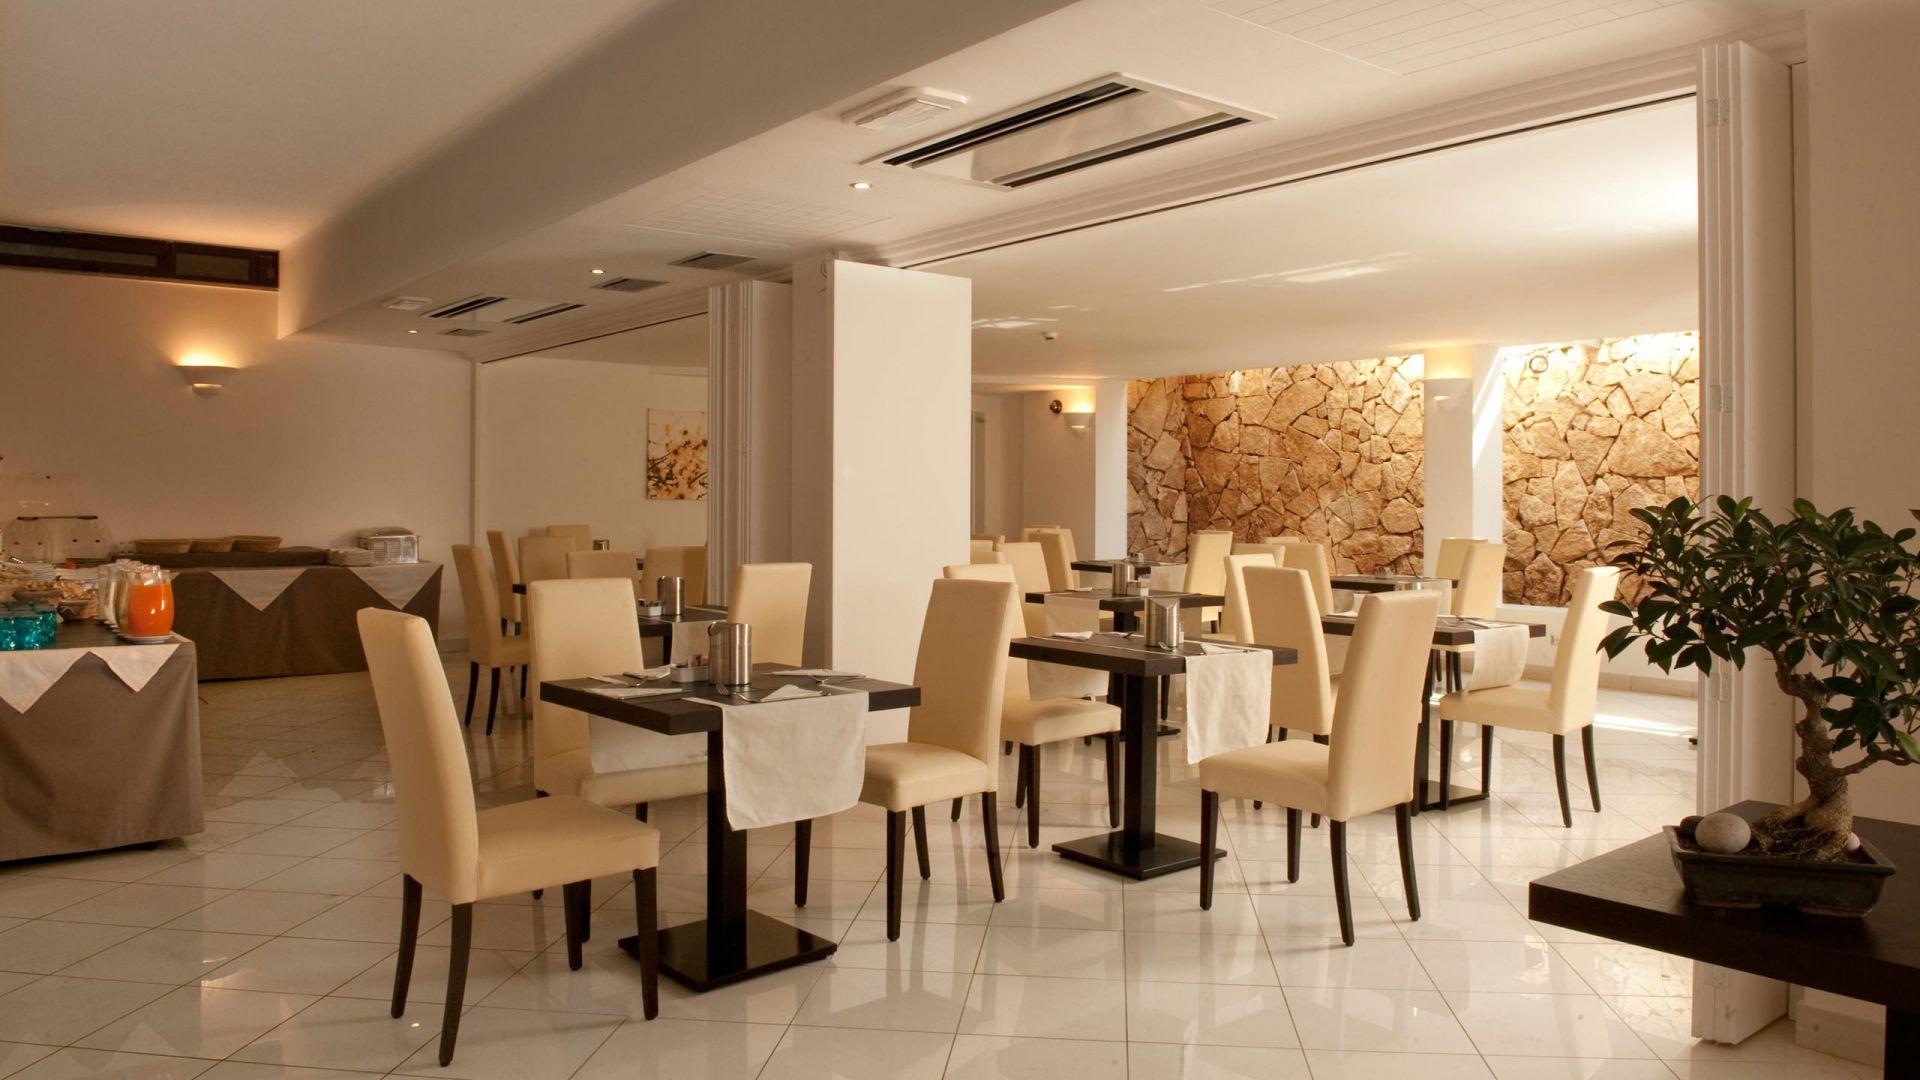 oc-hotel-roma-colazioni-002